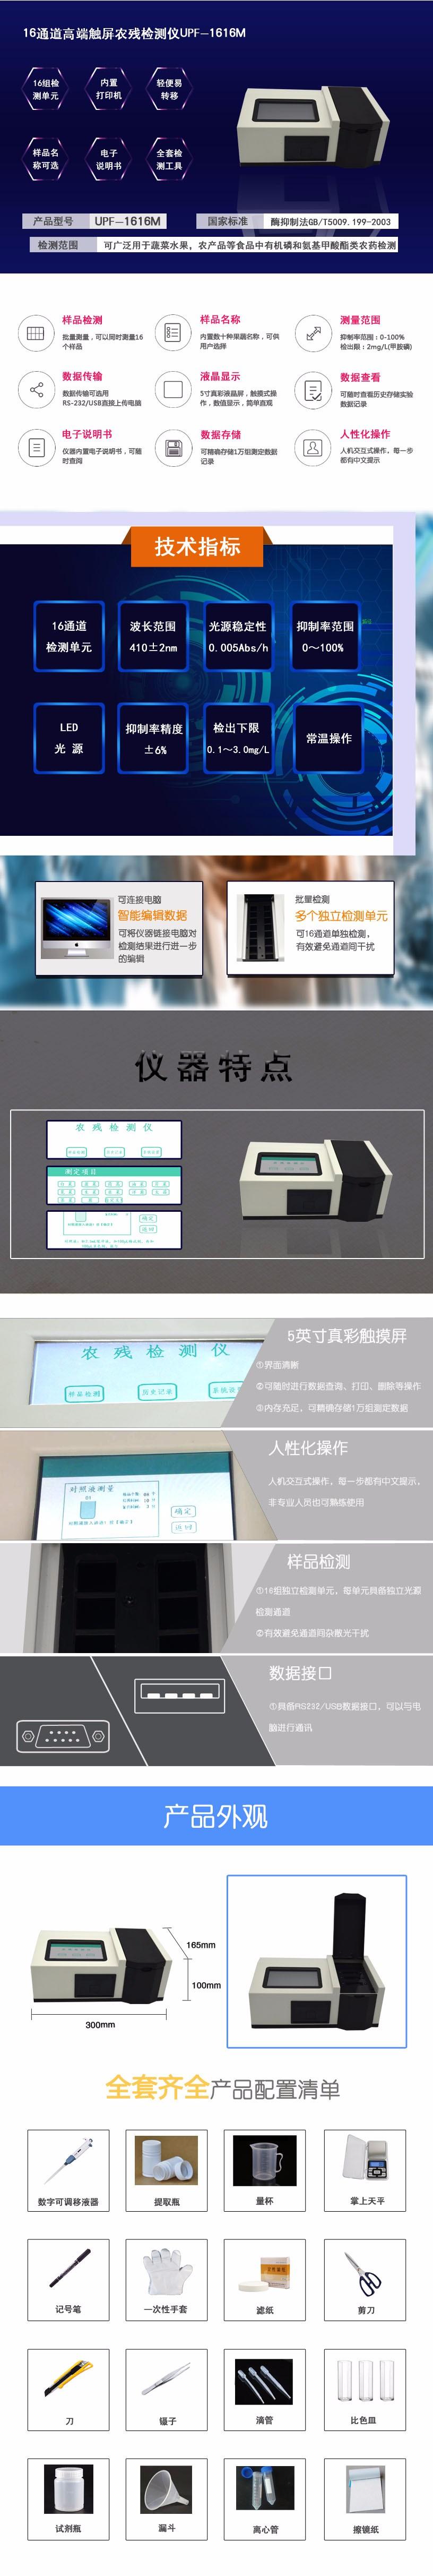 16通道农残详情页.jpg